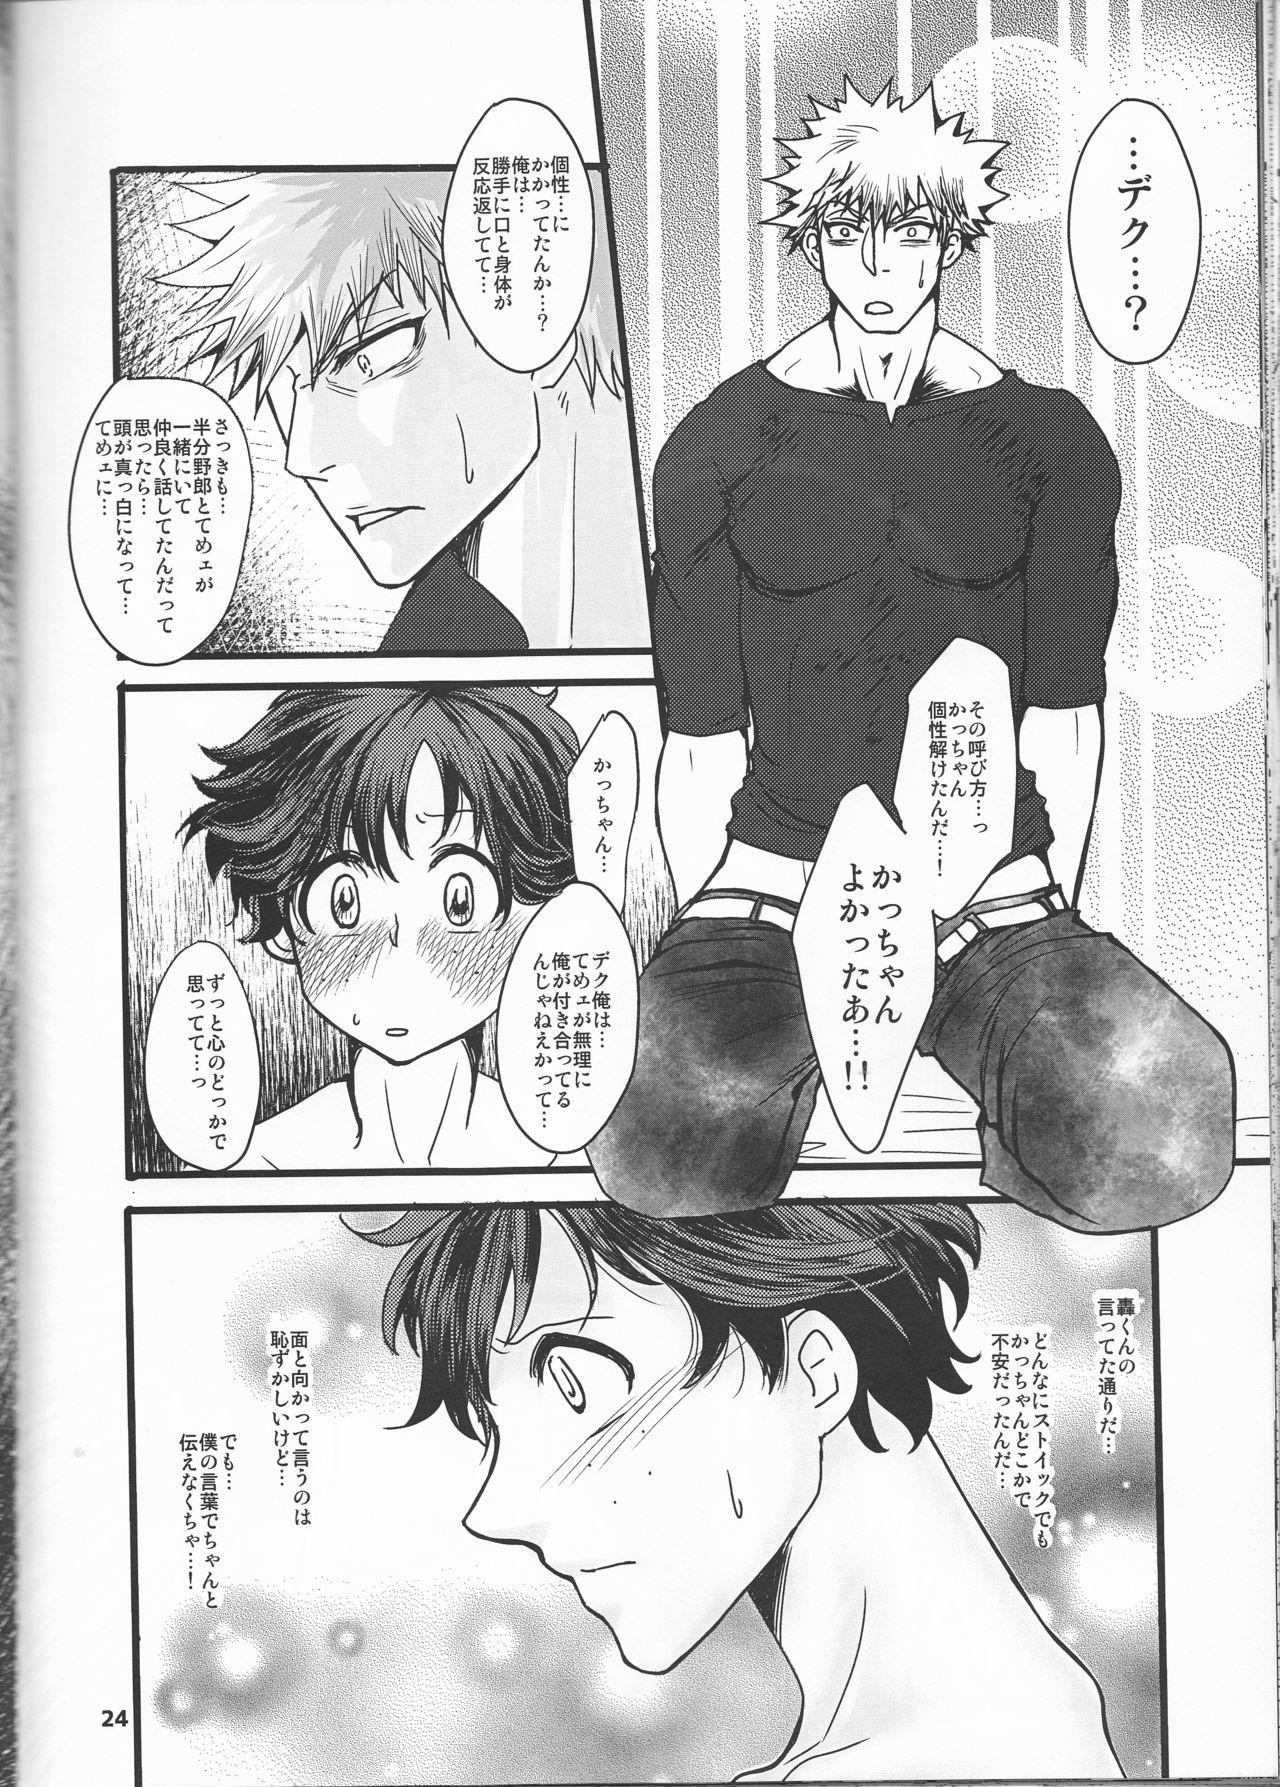 Super Darling Bakugou Katsuki 23